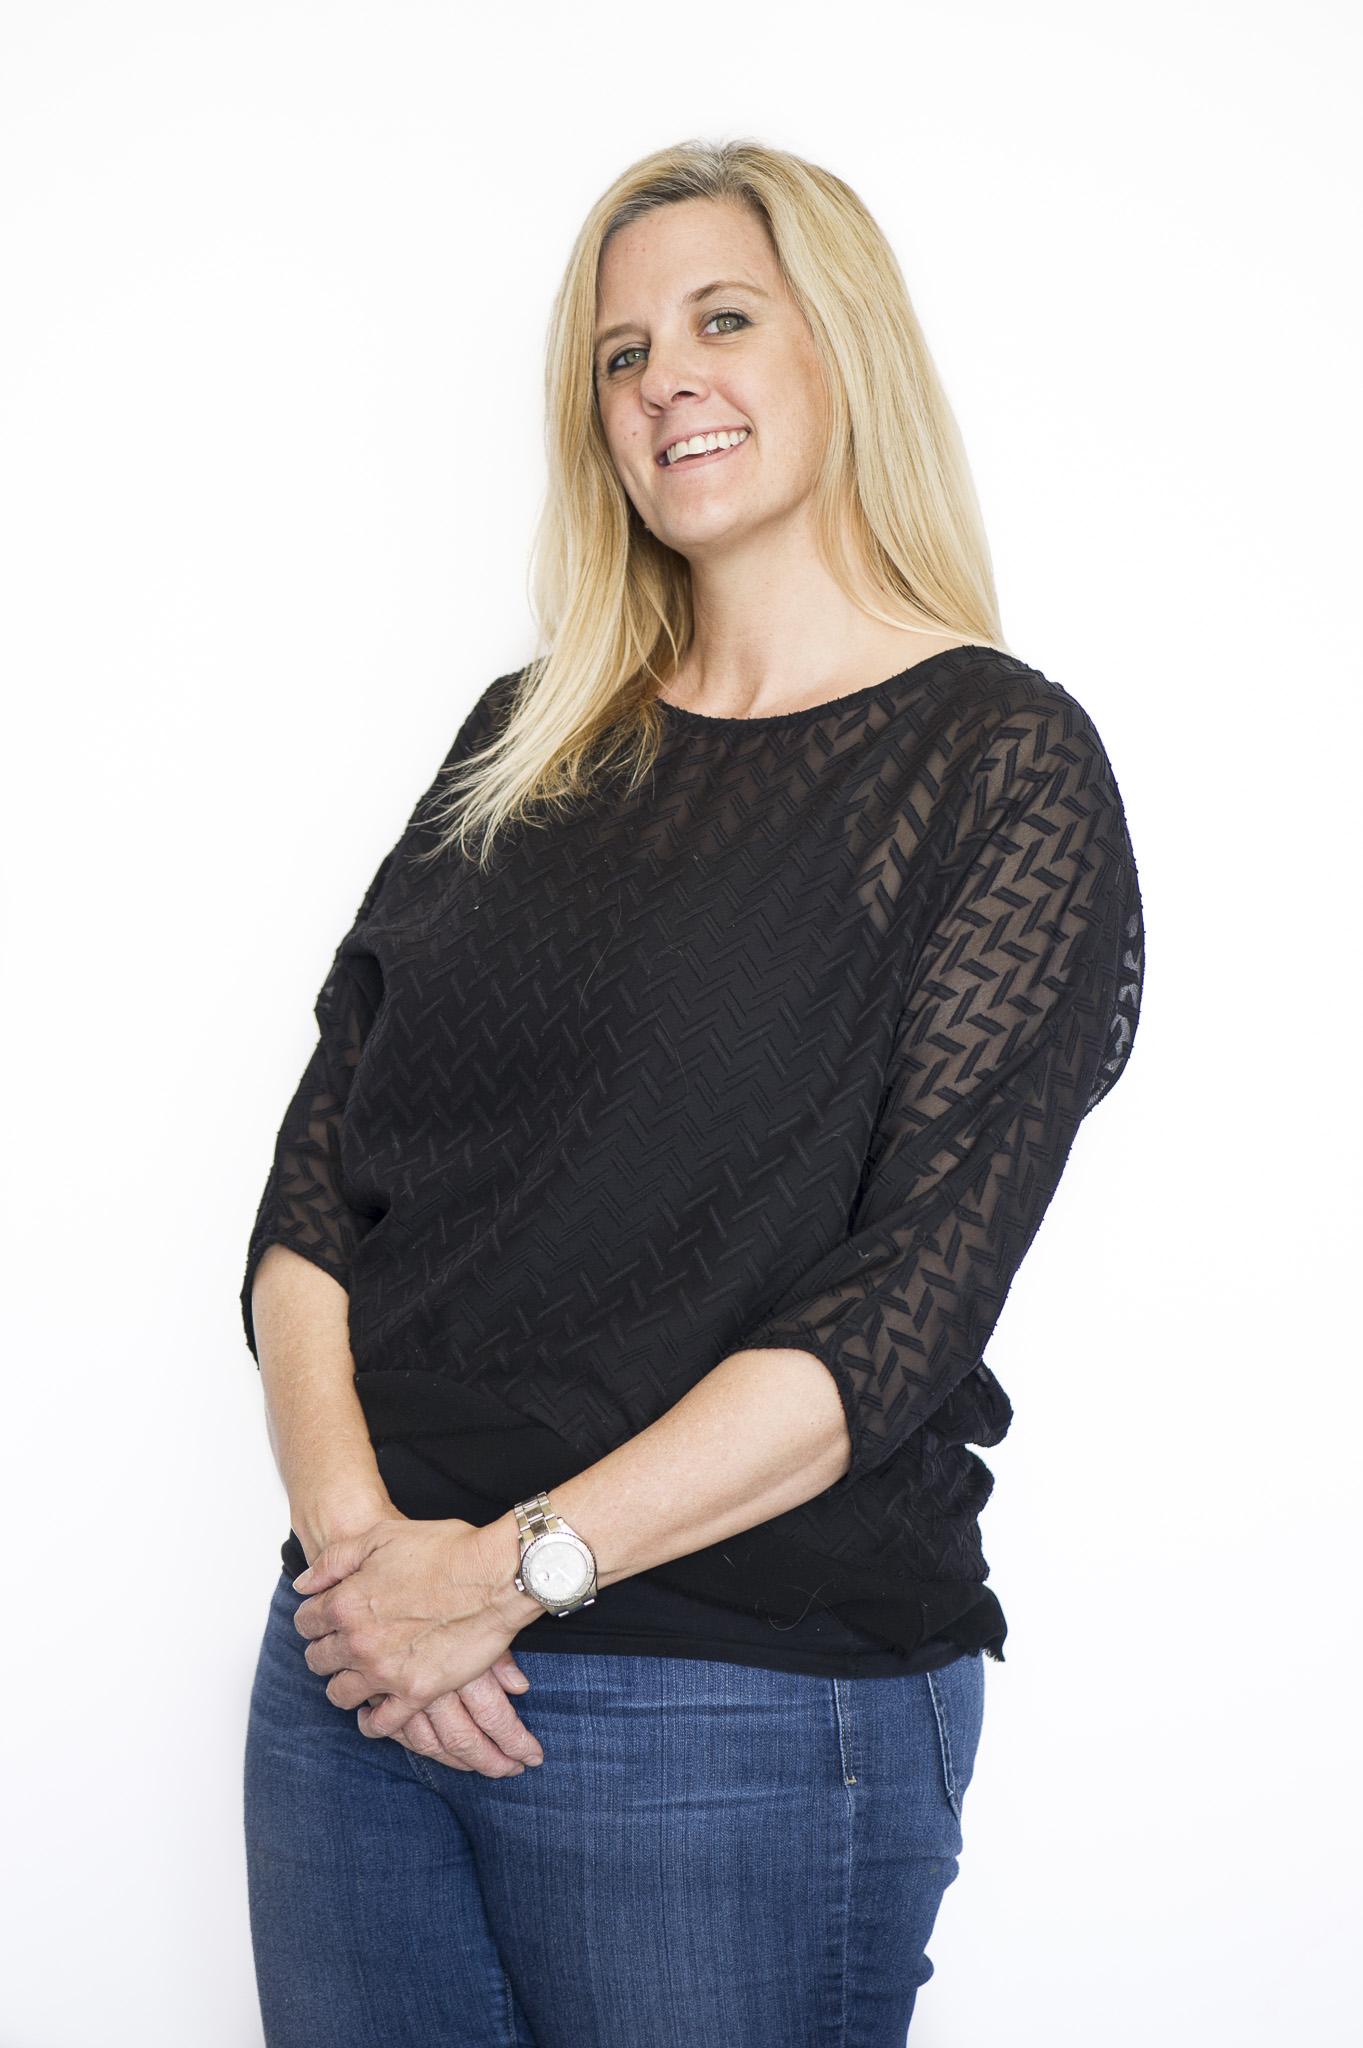 Christina Baker    Director of Floral Services